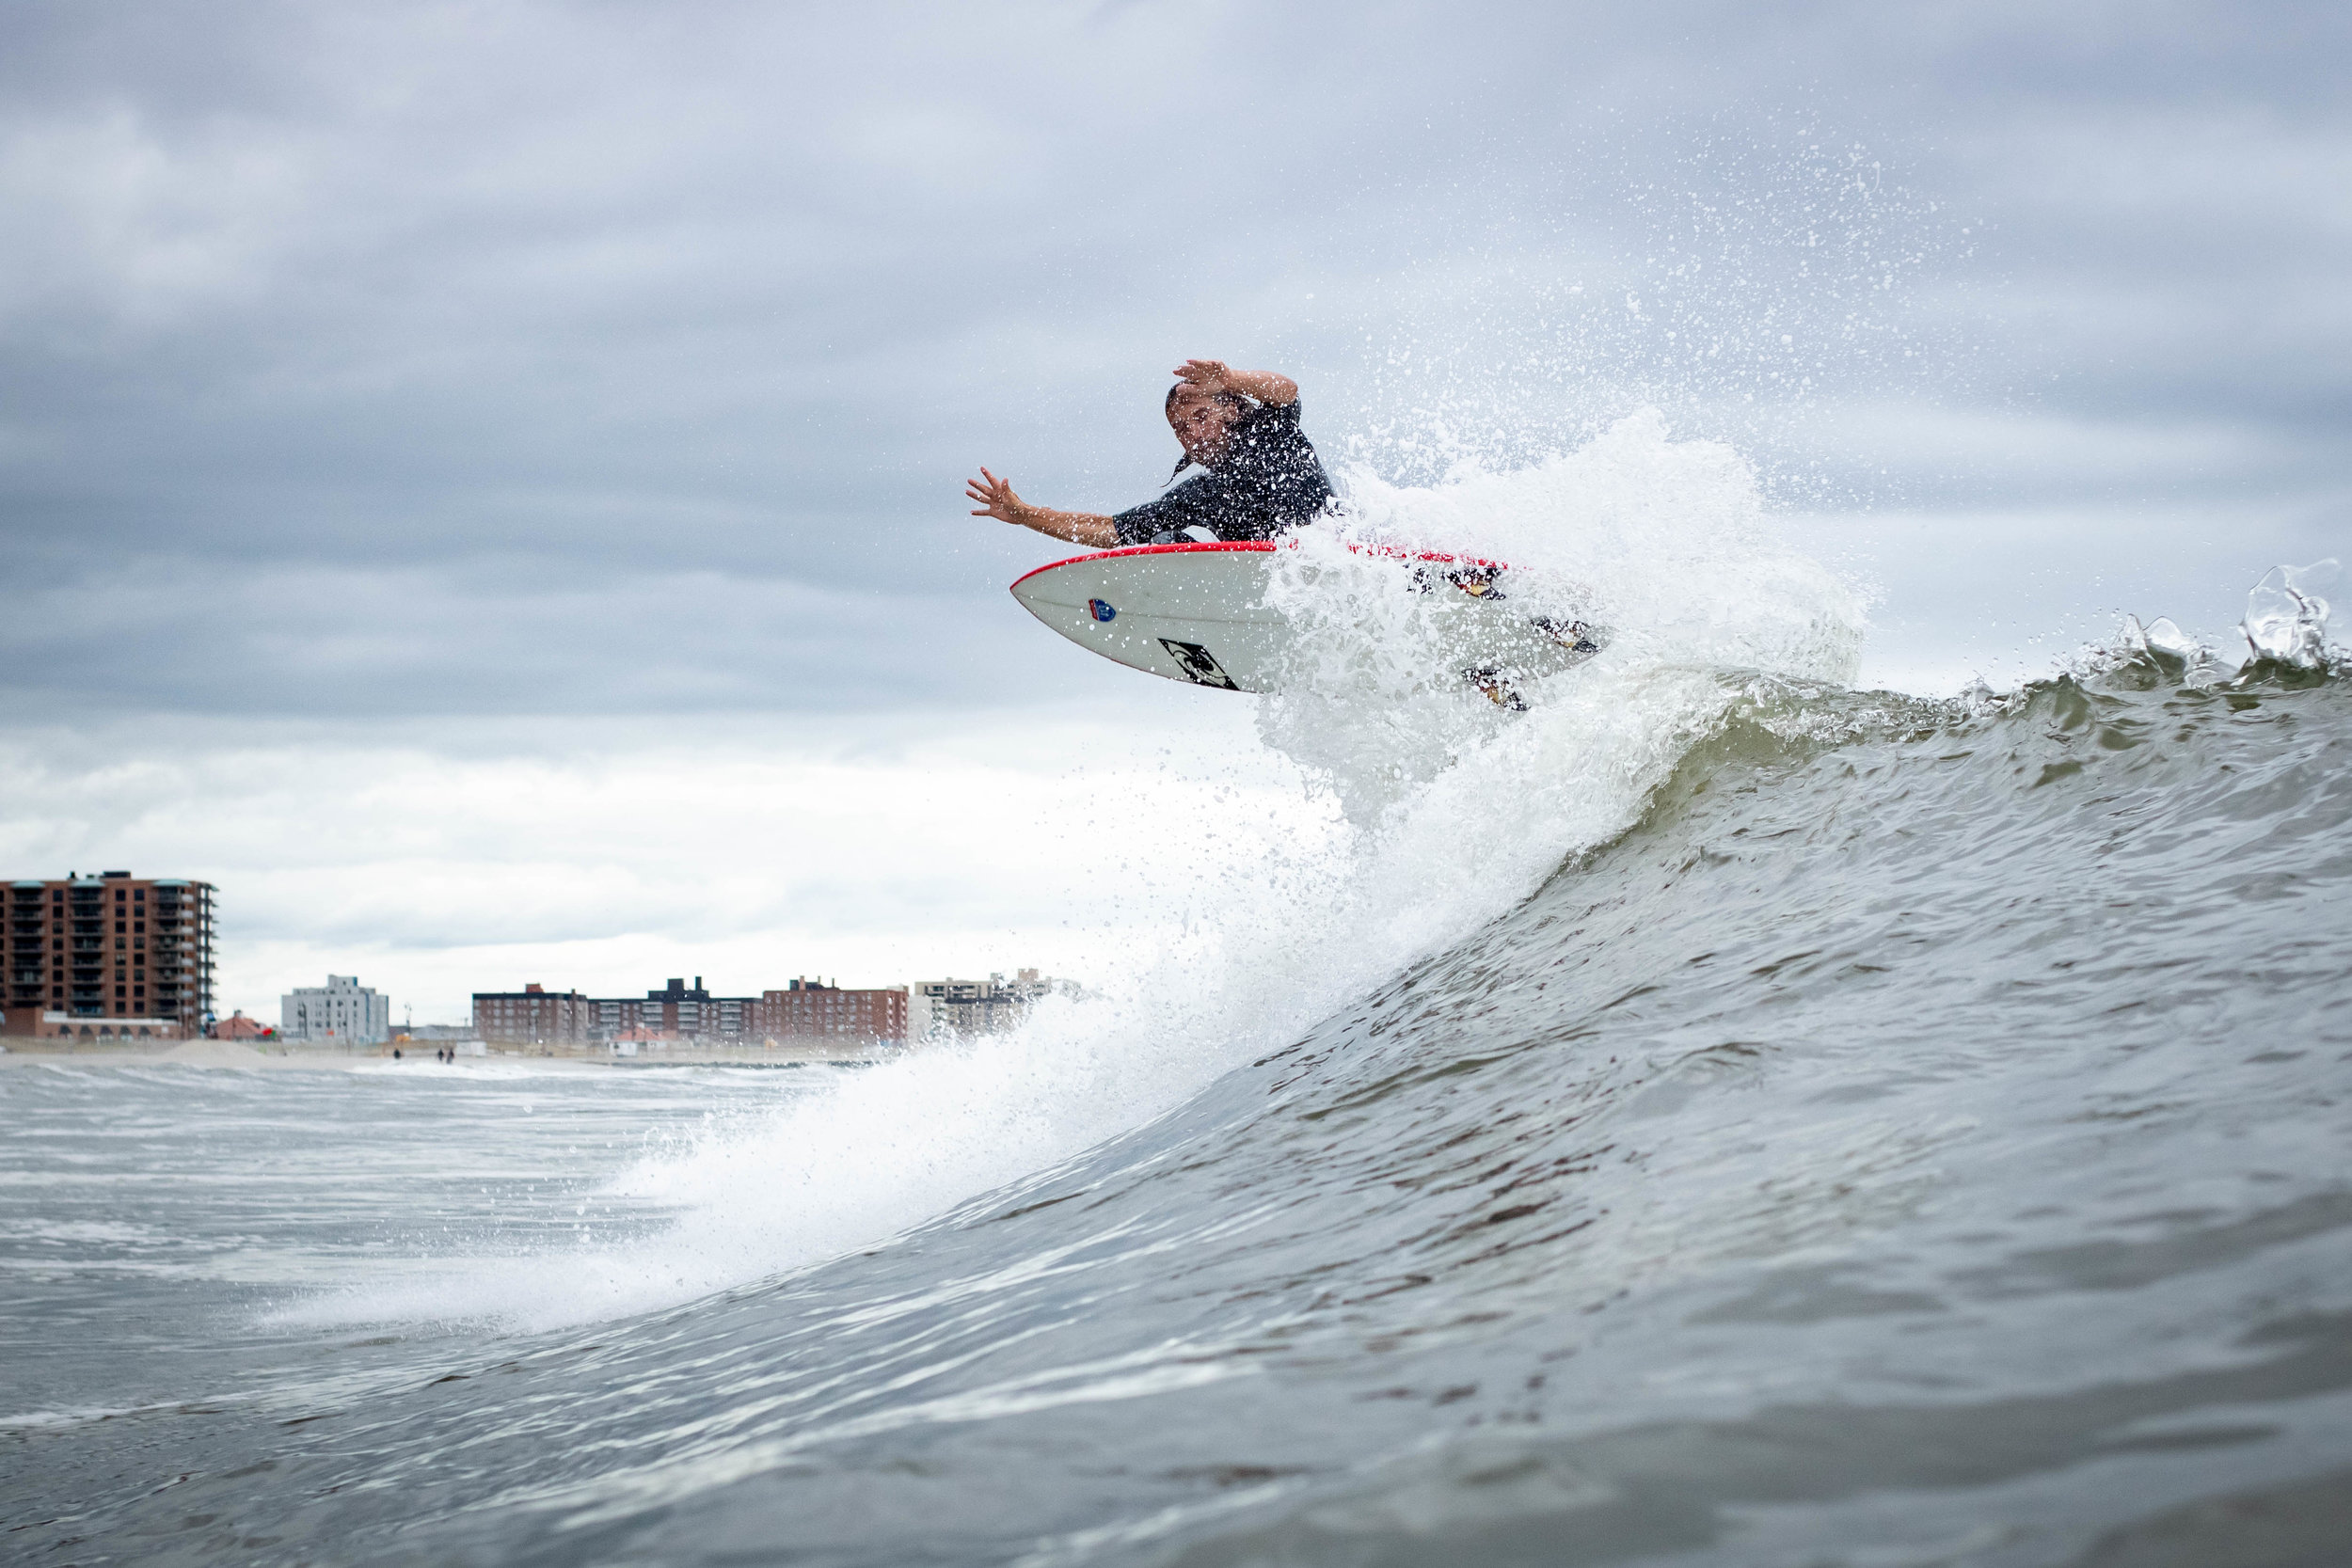 TJ Gumiela rides for  Unsound Surf Shop  in Long Beach. Air series.